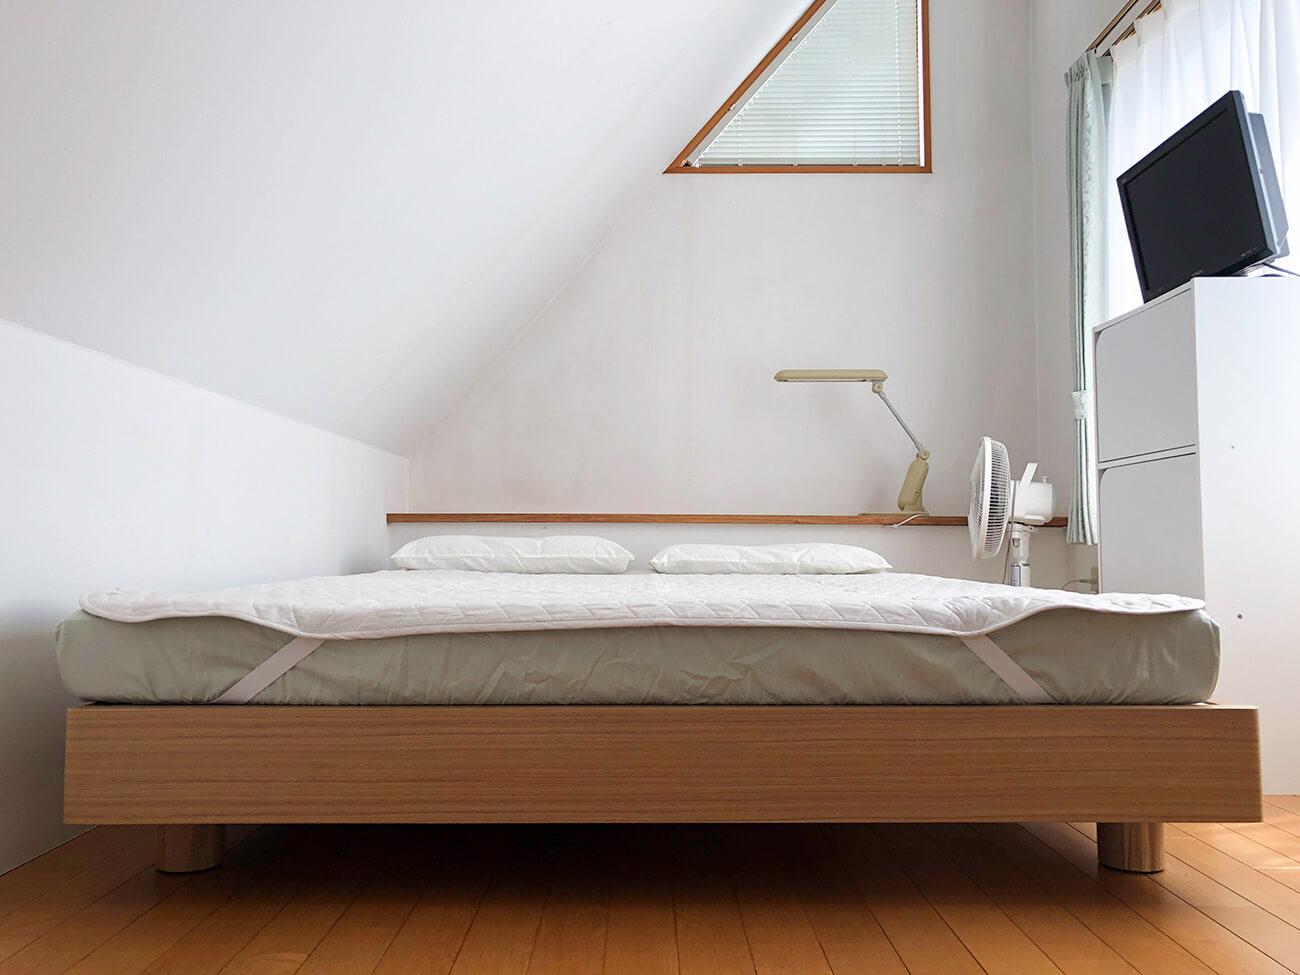 【納品事例】松山市・S様/腰痛に悩むご夫婦のためのベッドマットレス